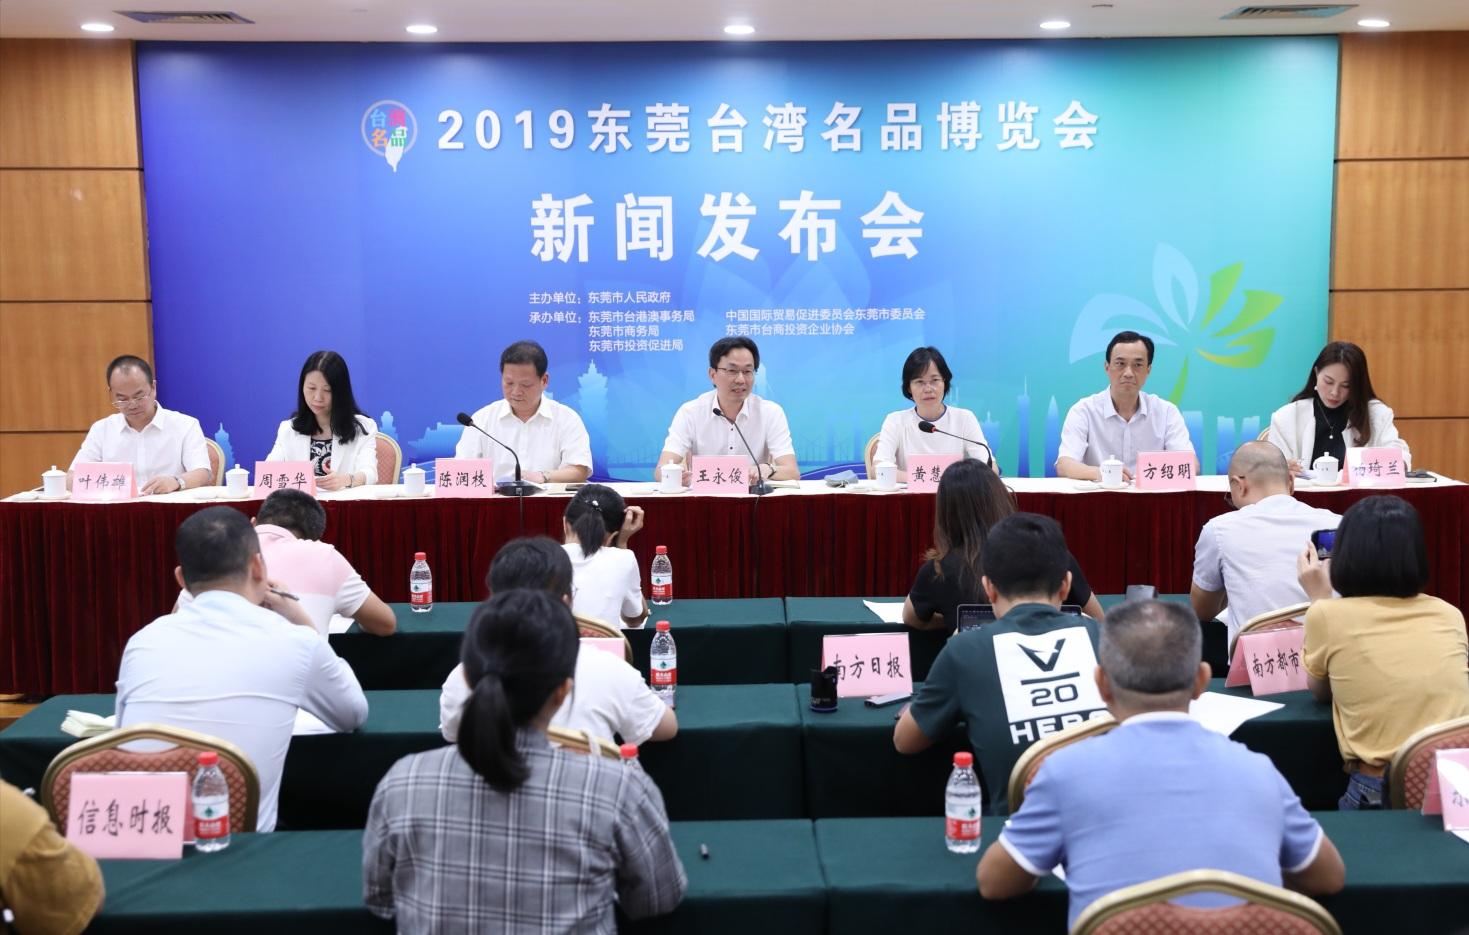 2019东莞台湾名品博览会将办 创新融入粤港澳元素